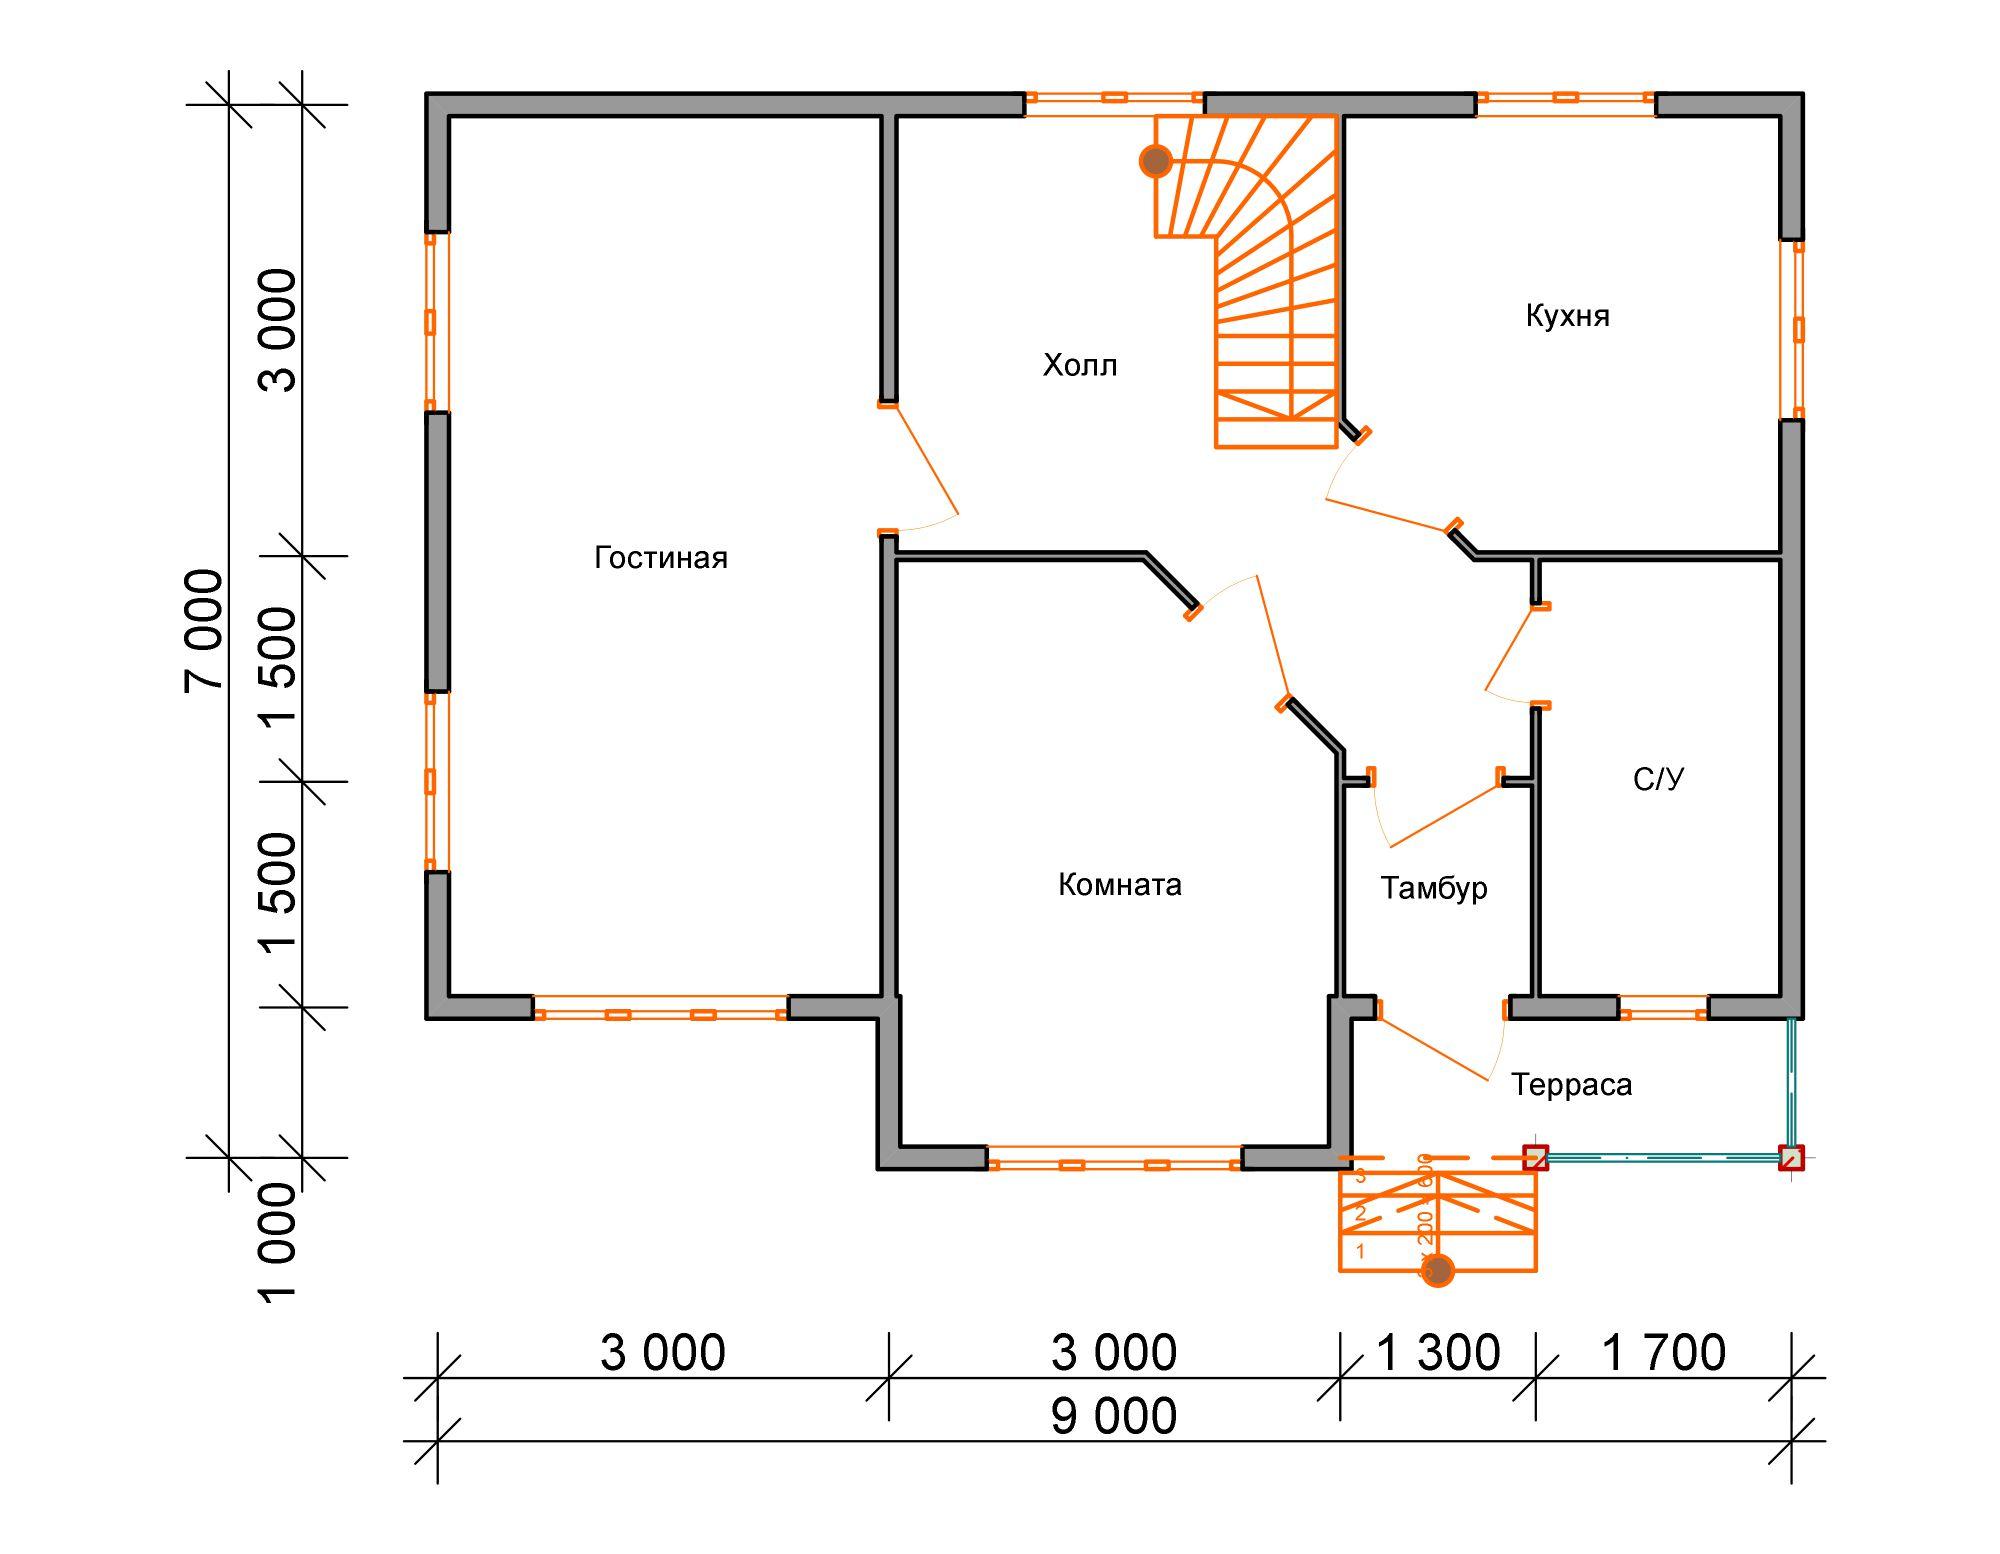 Деревянные одноэтажные дома из бруса  цены  Брусовые